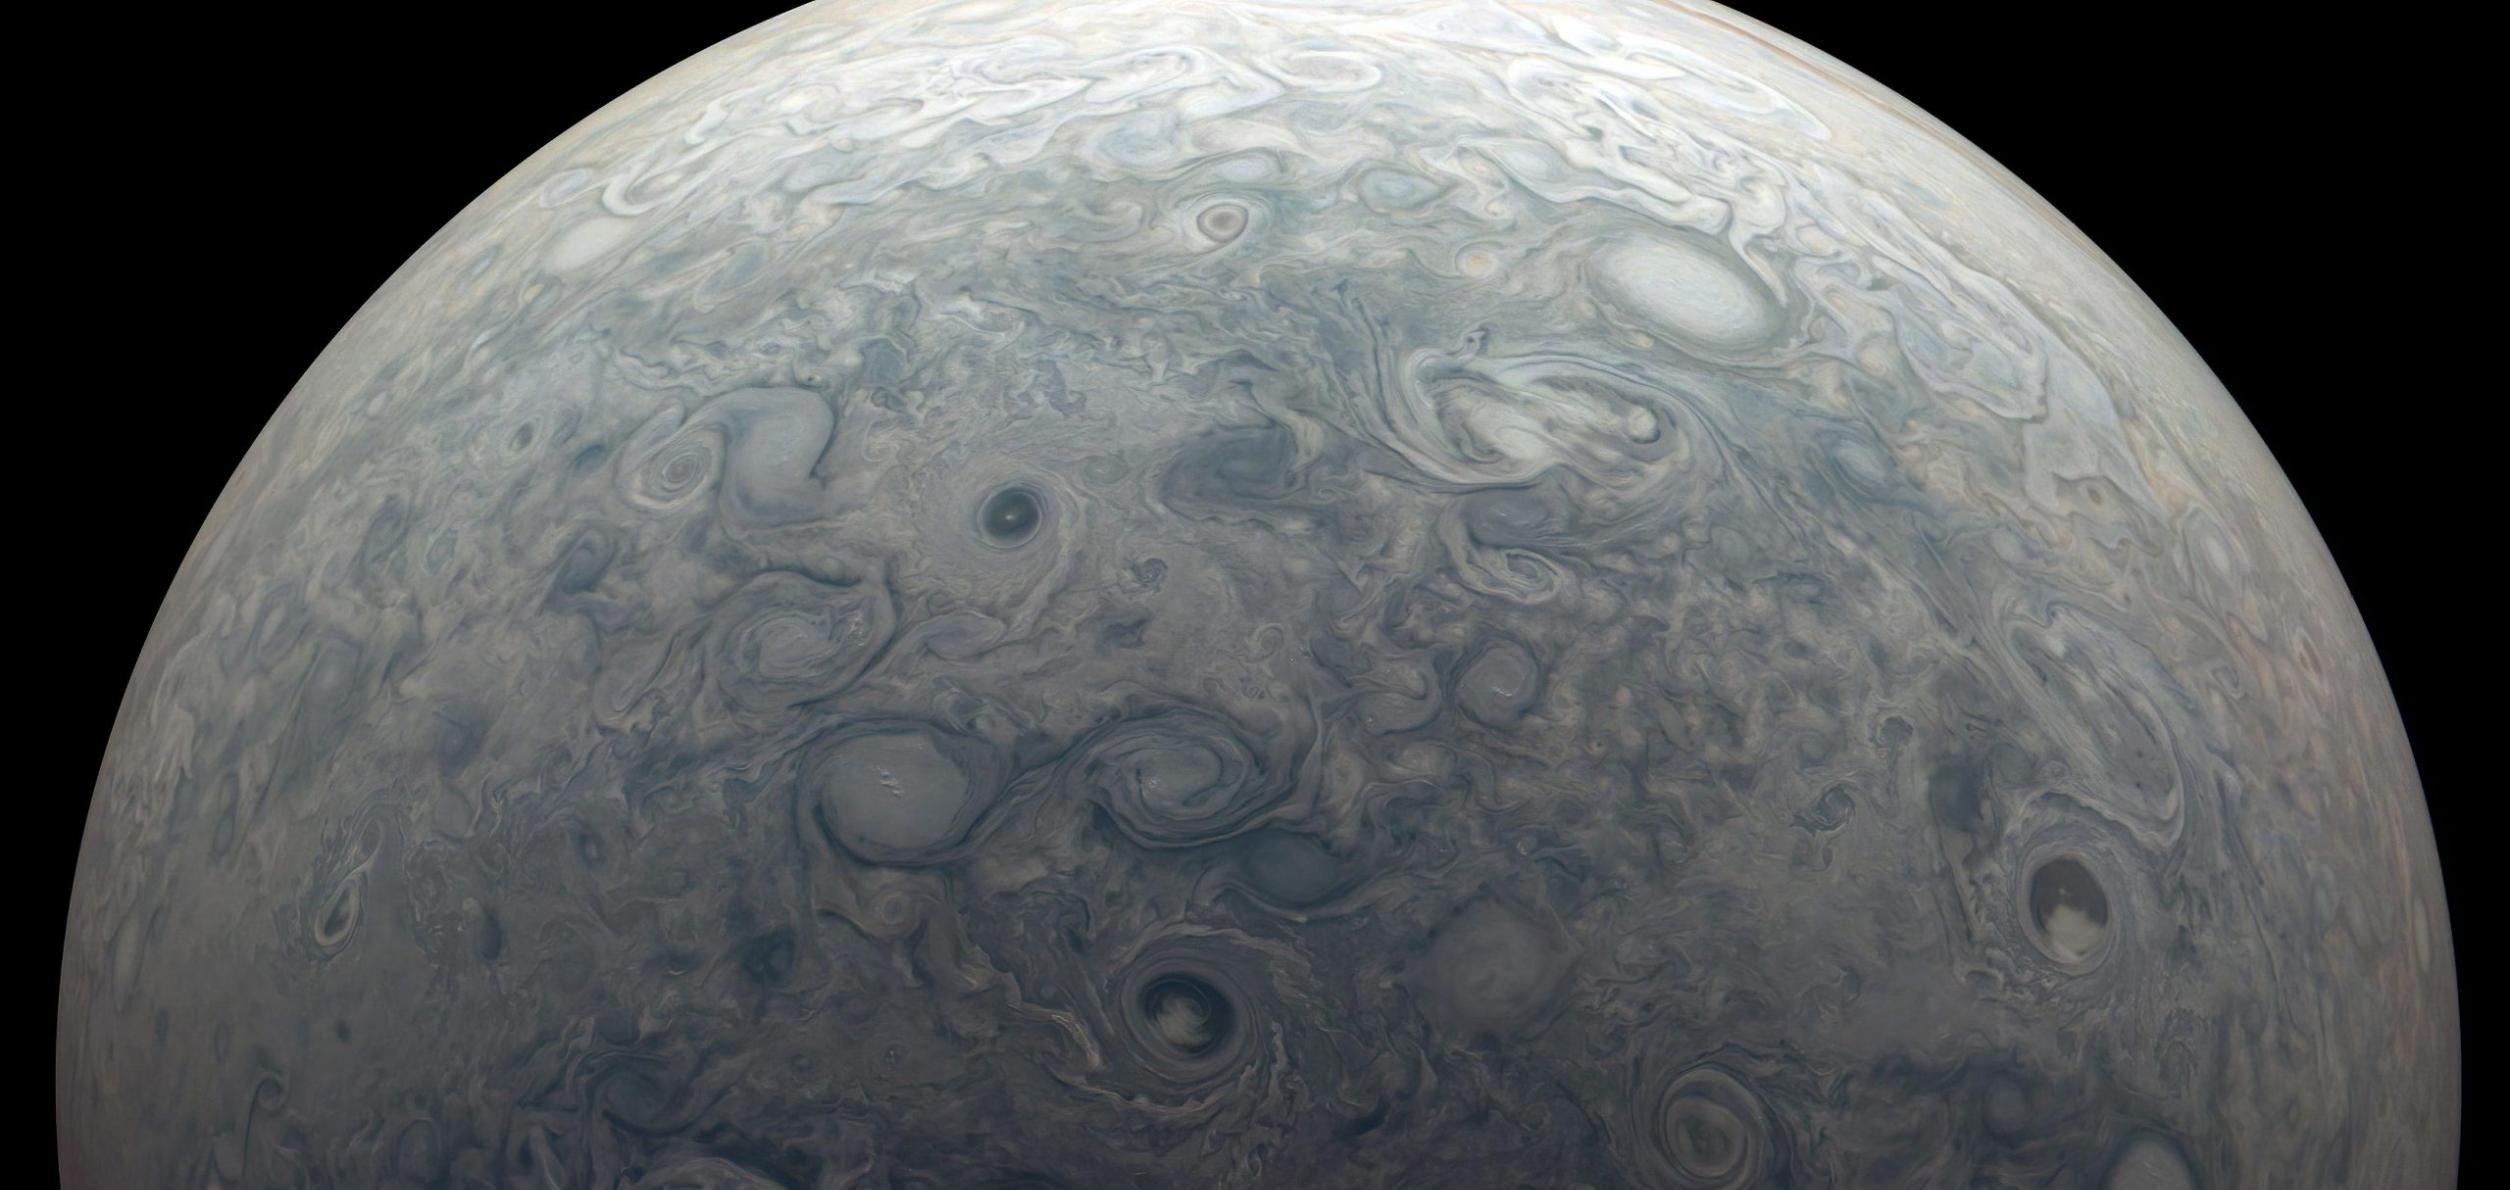 朱诺号航天器拍摄到木星的风暴显示这颗巨行星的强大磁场随时间而变化